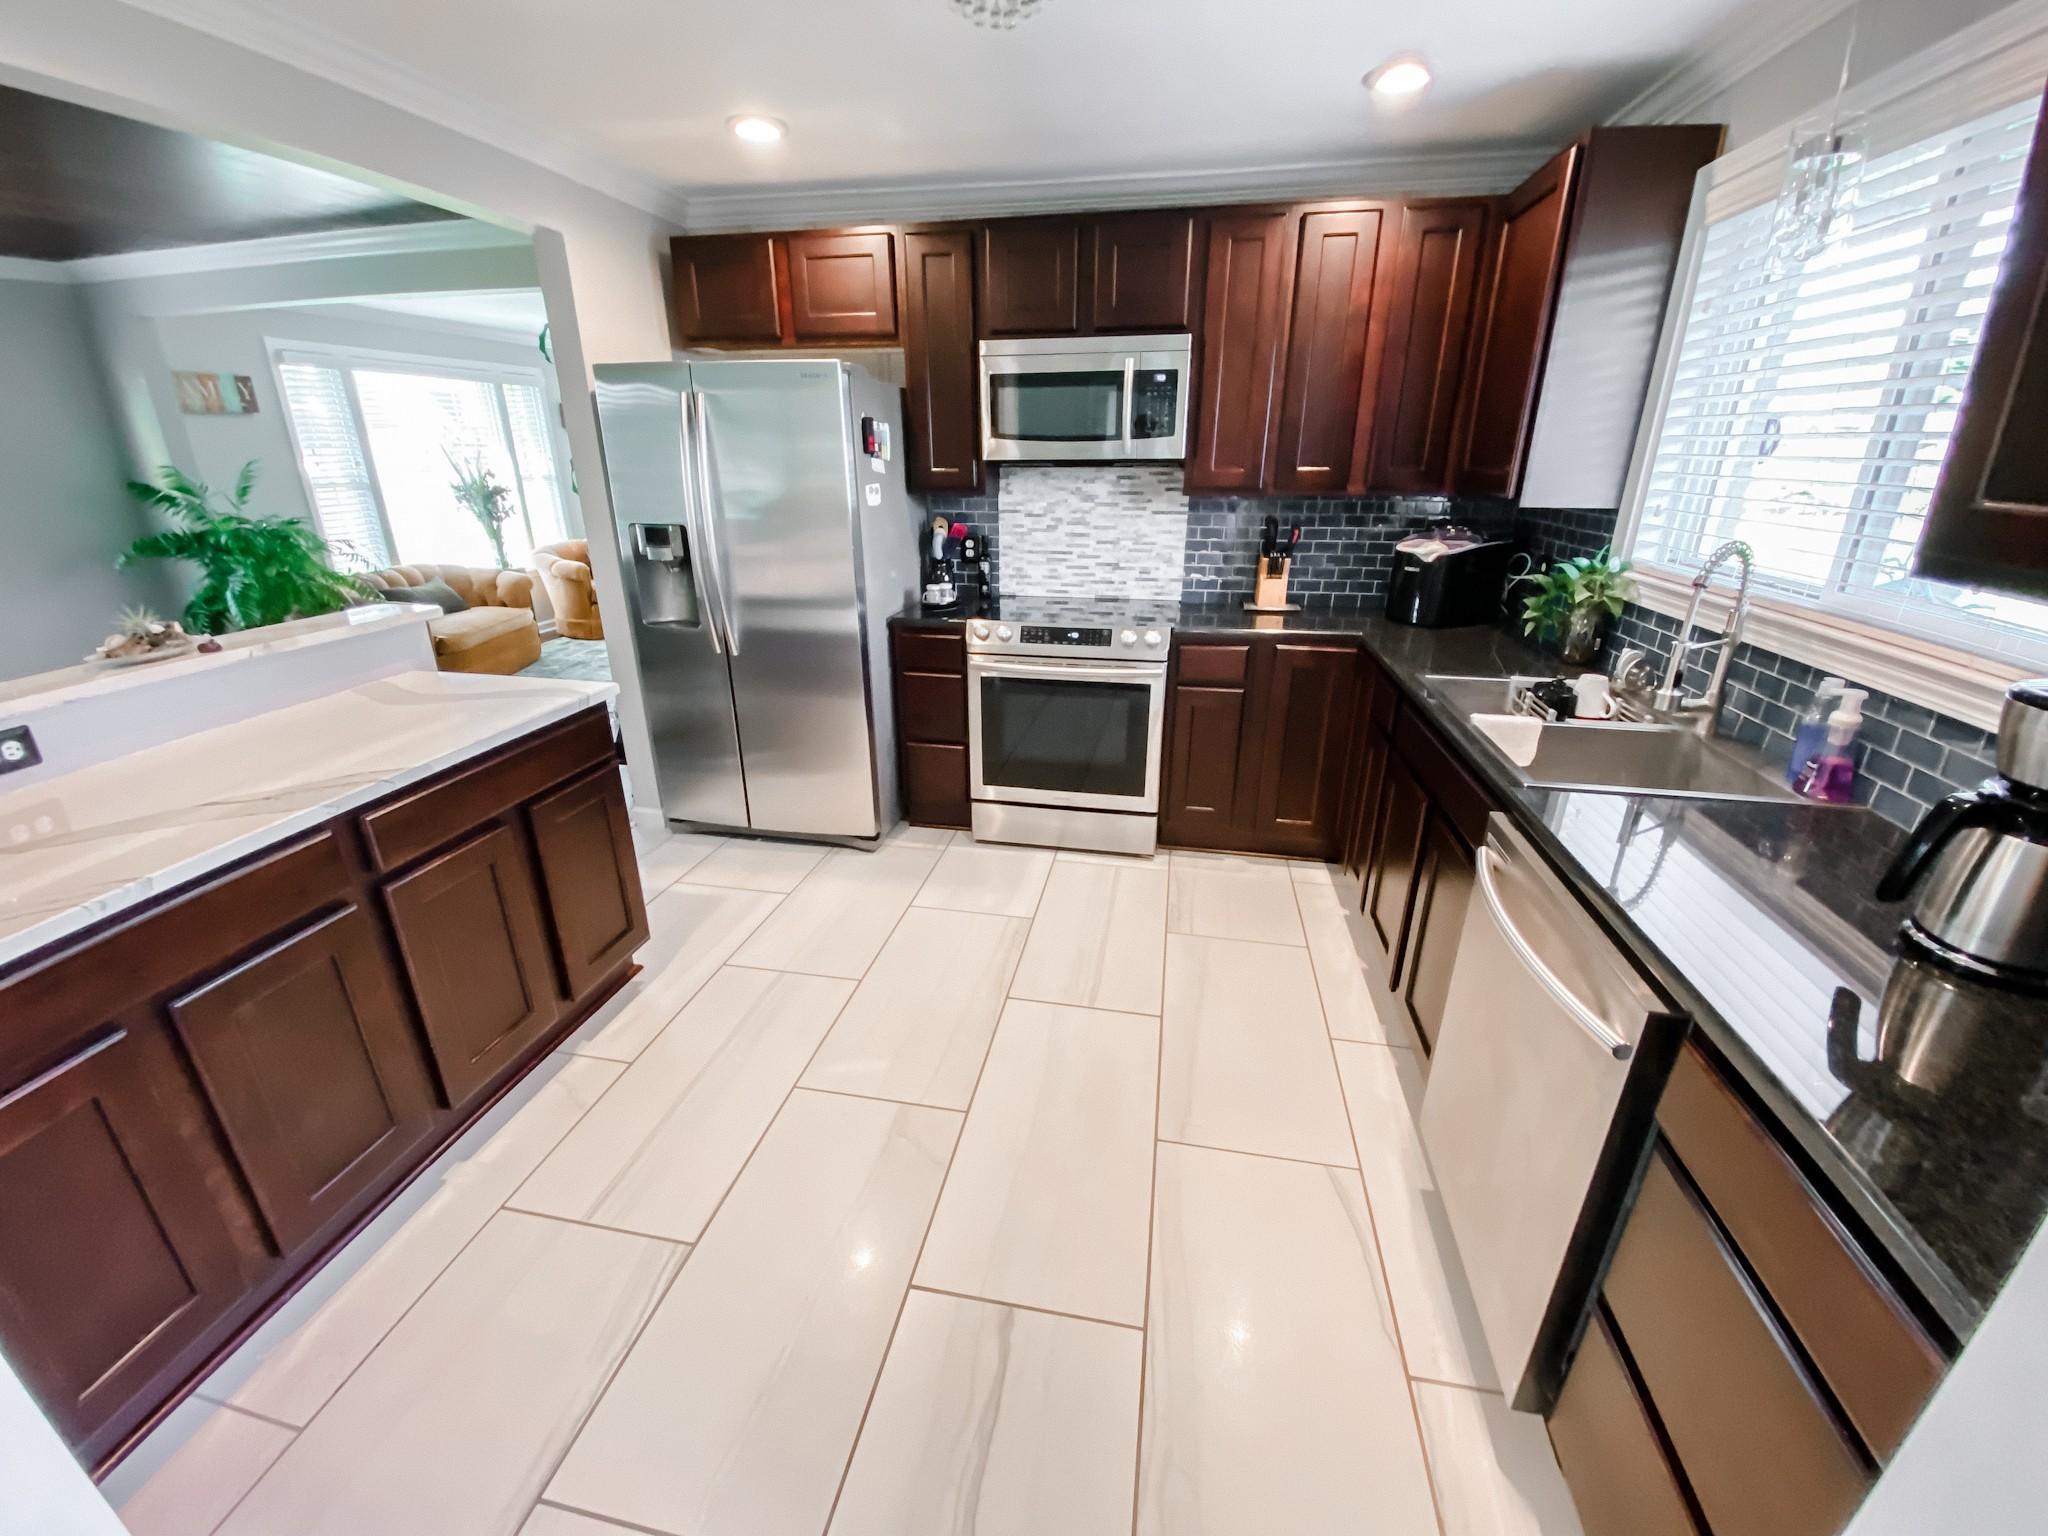 212 Murfreesboro Rd Property Photo 9